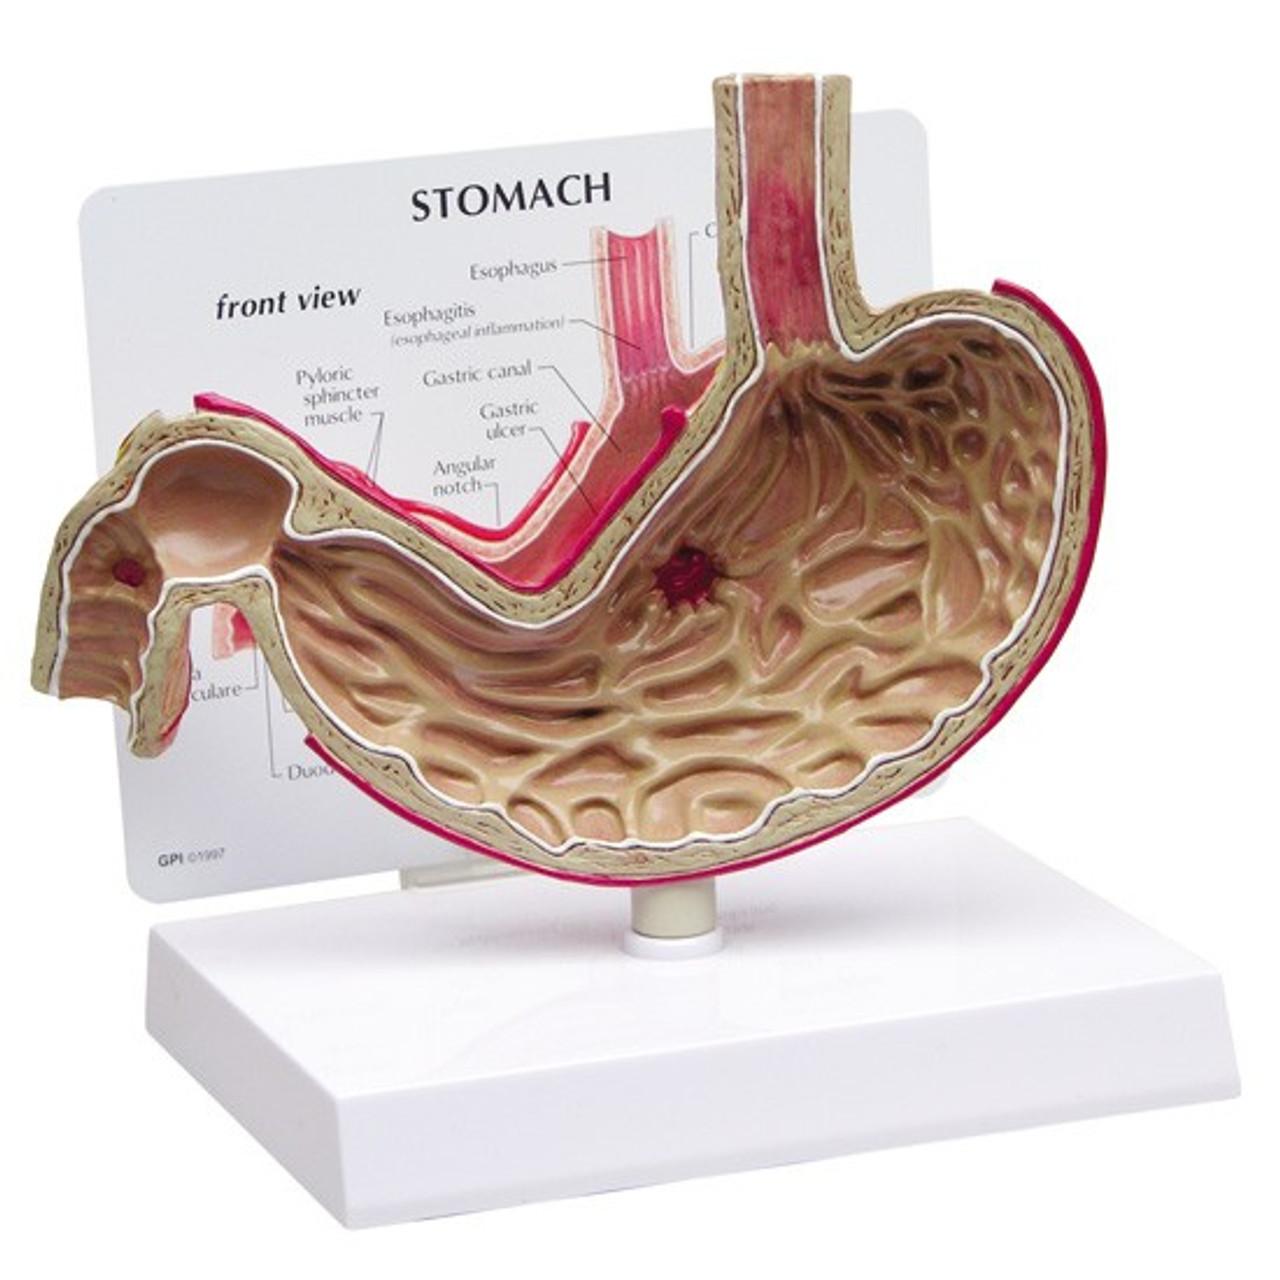 Stomach Ulcer Model